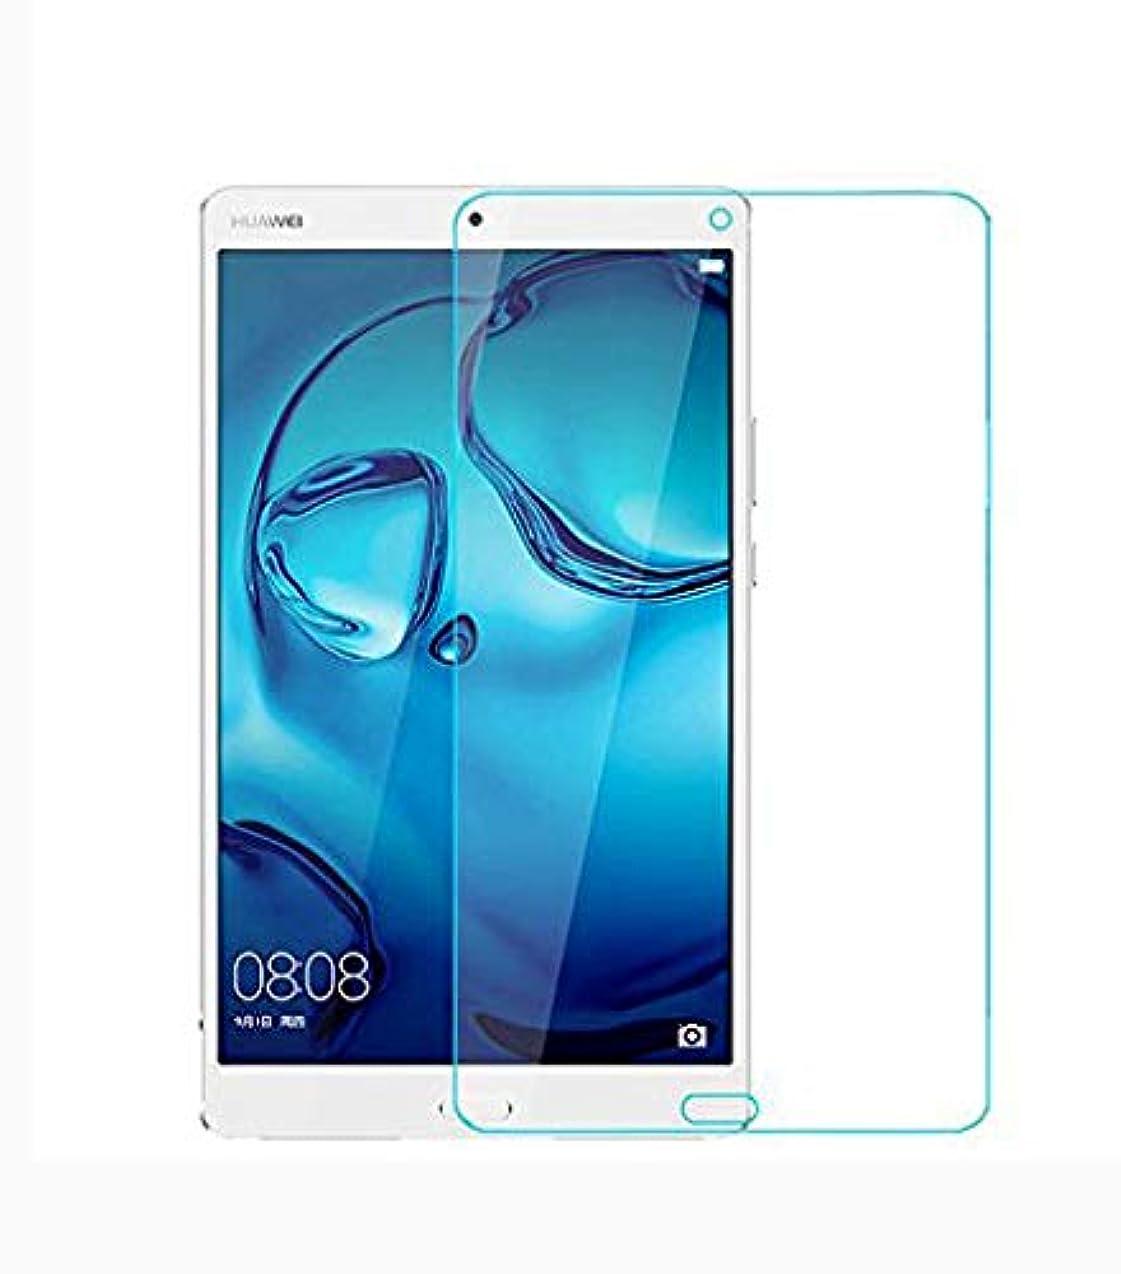 変更可能ダメージナンセンスMediaPad M3 8.4 フィルム,Y-BEST 液晶保護 高透明 高感度 0.2mm極薄 Huawei MediaPad M3 8.4 強化ガラスフィルム 日本製旭硝子 硬度9H